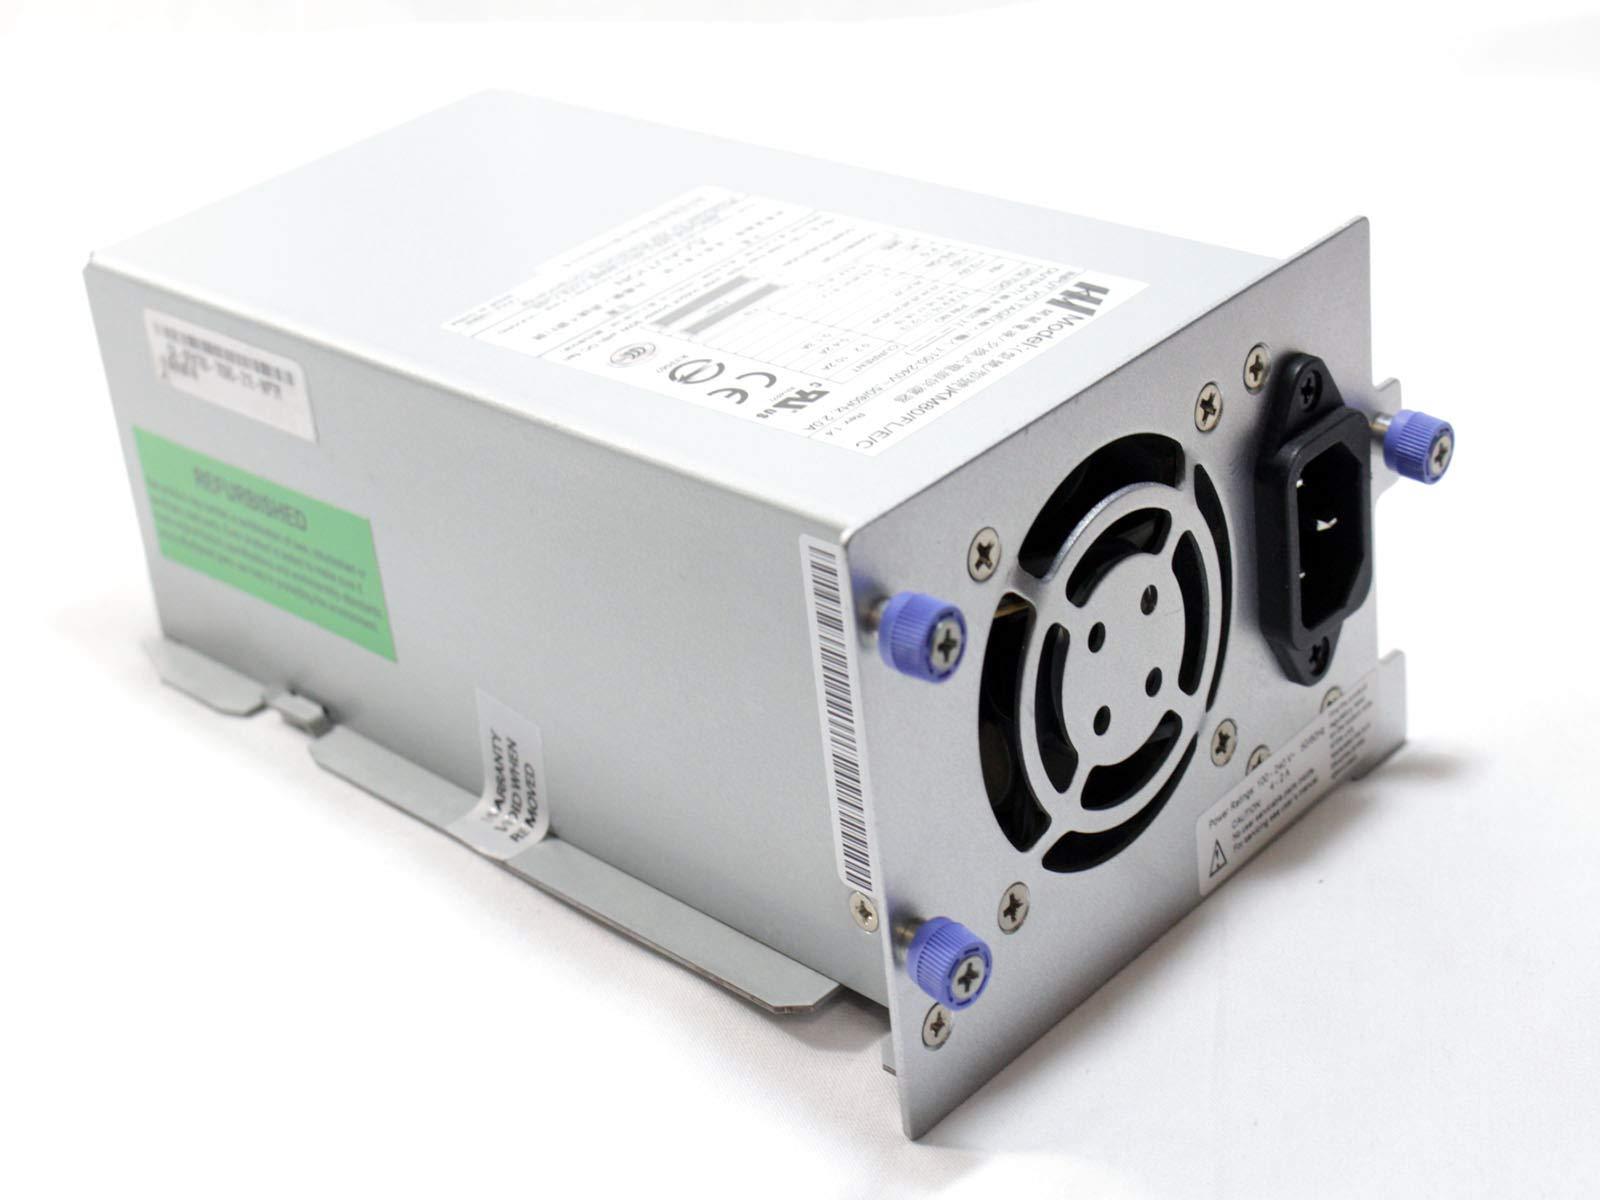 IBM 45e1413 3573 power supply assm